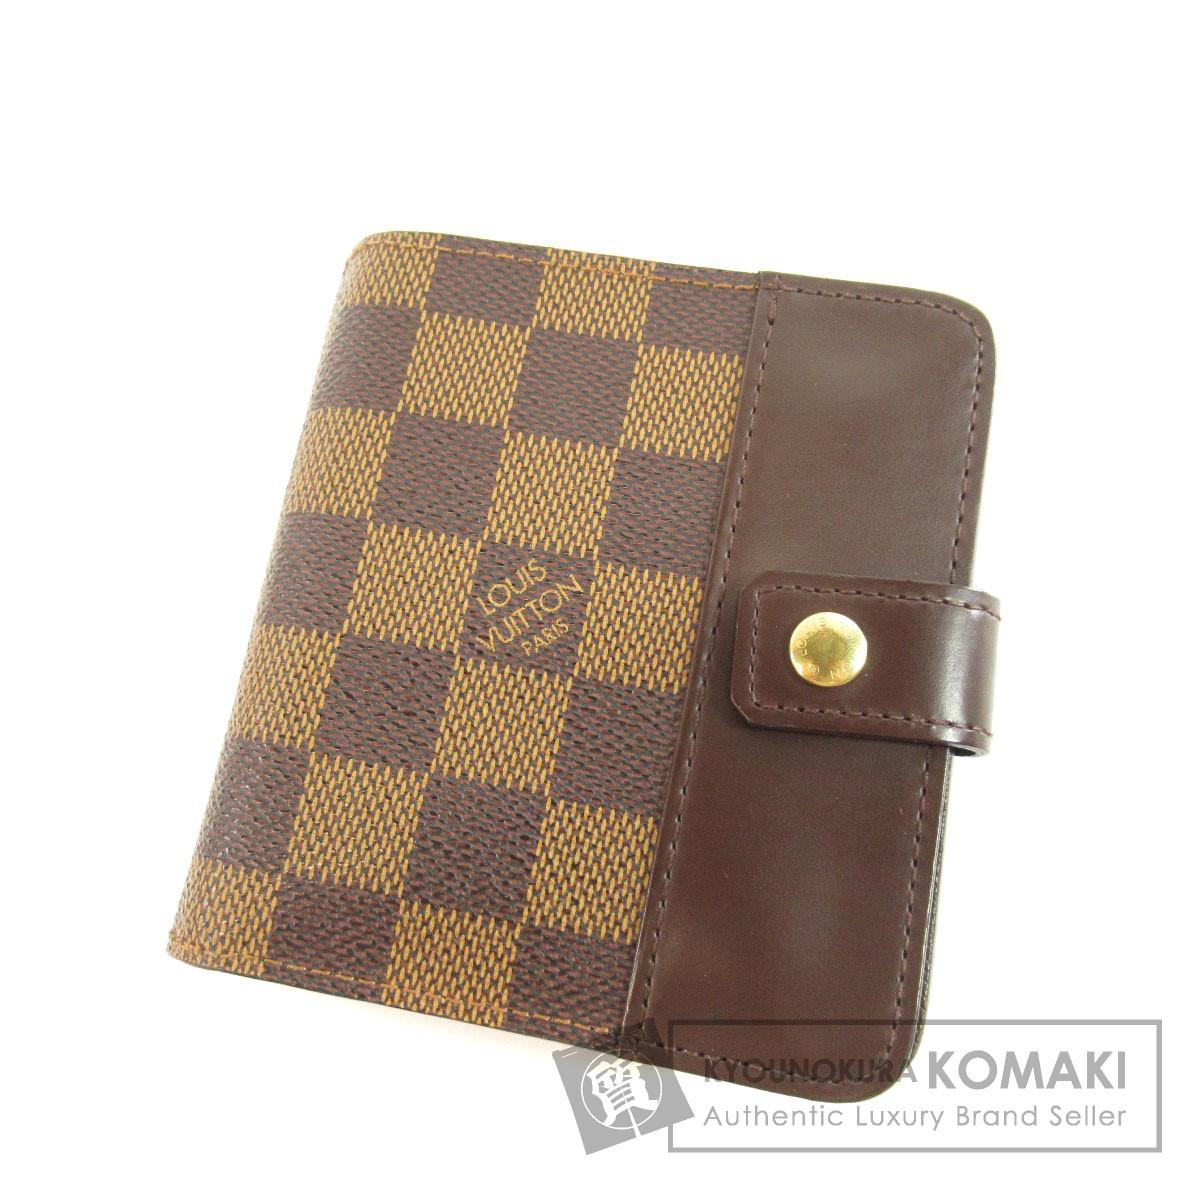 LOUIS VUITTON N61668 ダミエ コンパクト・ジップ 二つ折り財布(小銭入れあり) ダミエキャンバス レディース 【中古】【ルイ・ヴィトン】